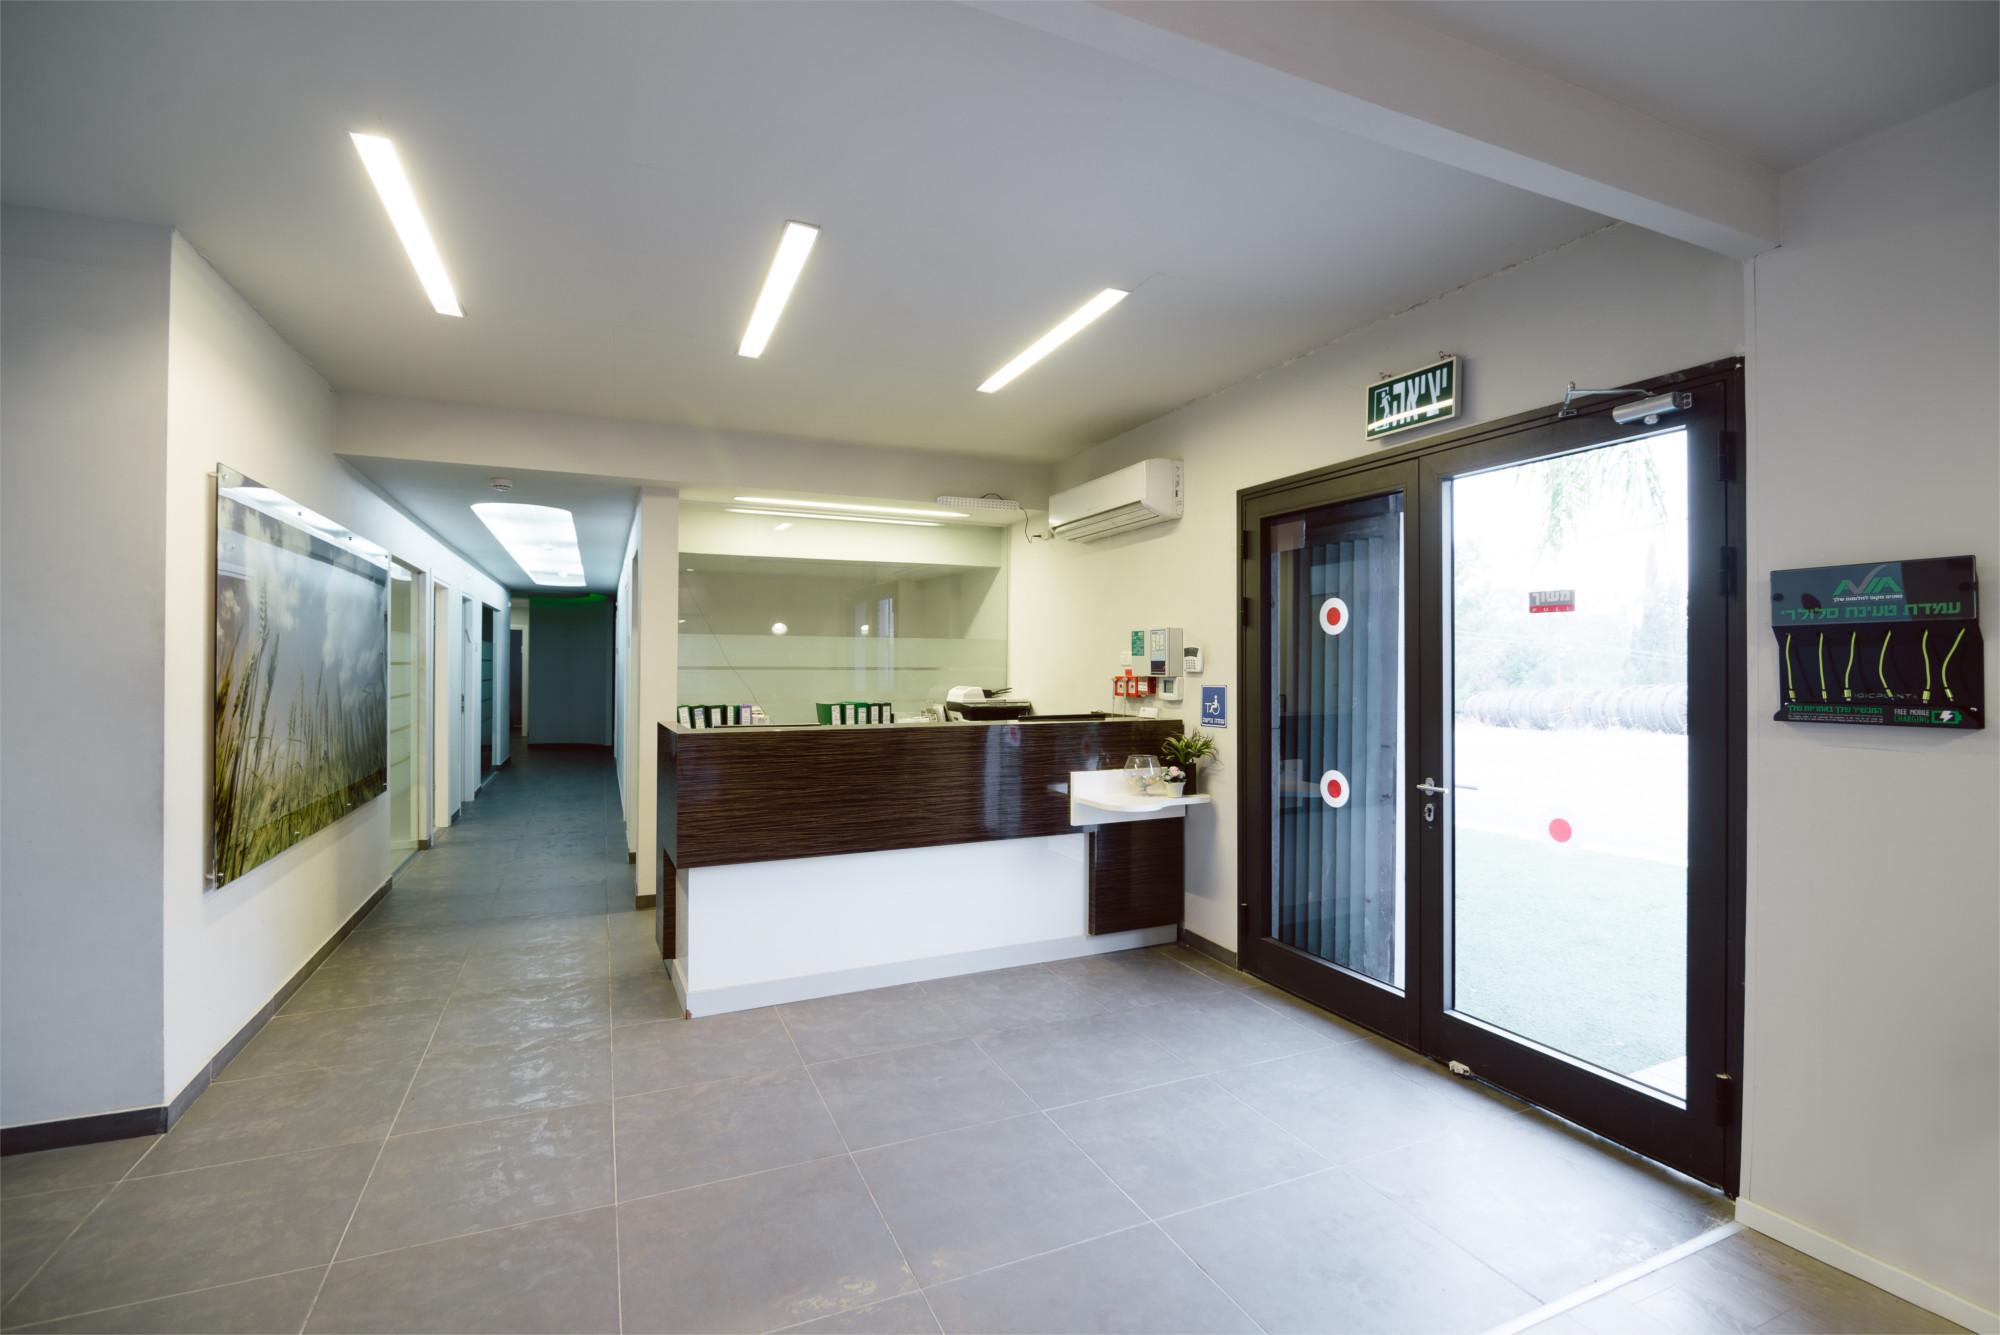 סניף הראל - משרדים | מחסנים להשכרה בירושלים